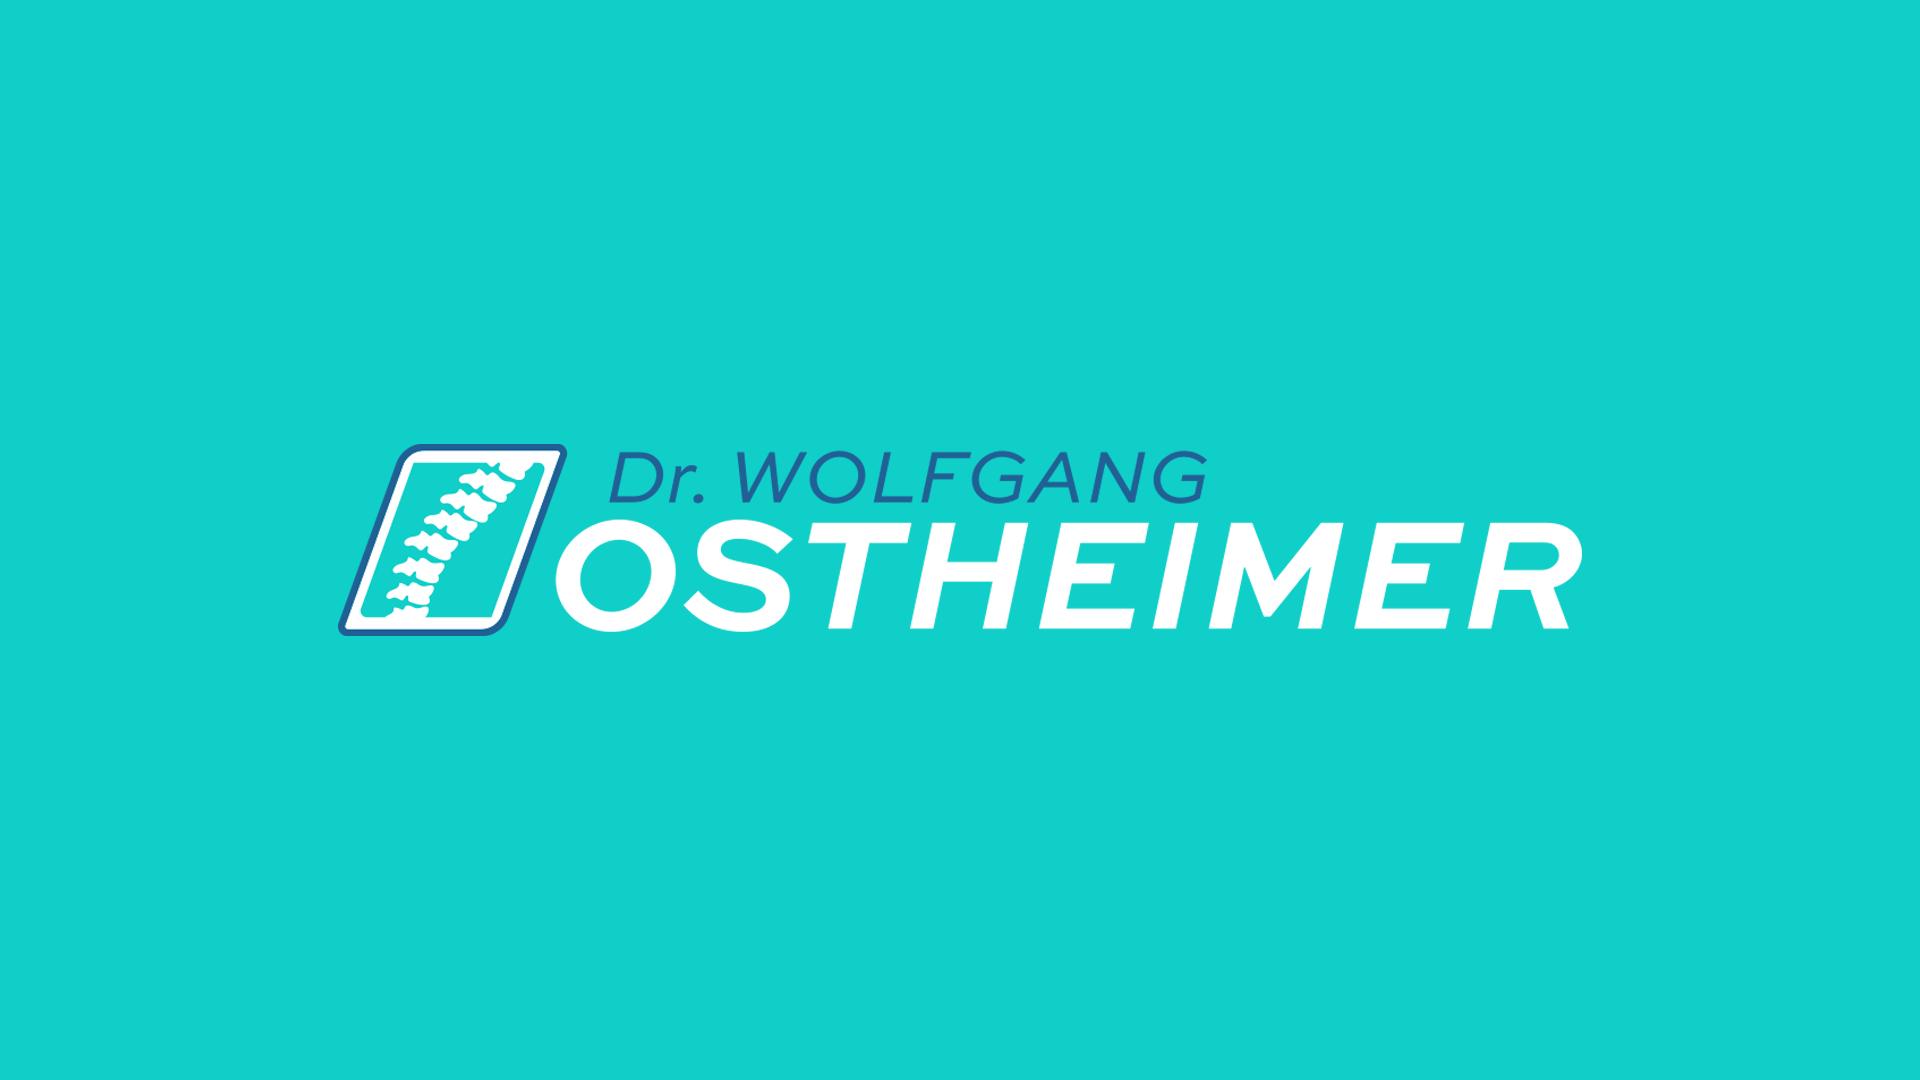 Dr Wolfgang Ostheimer Logo Design